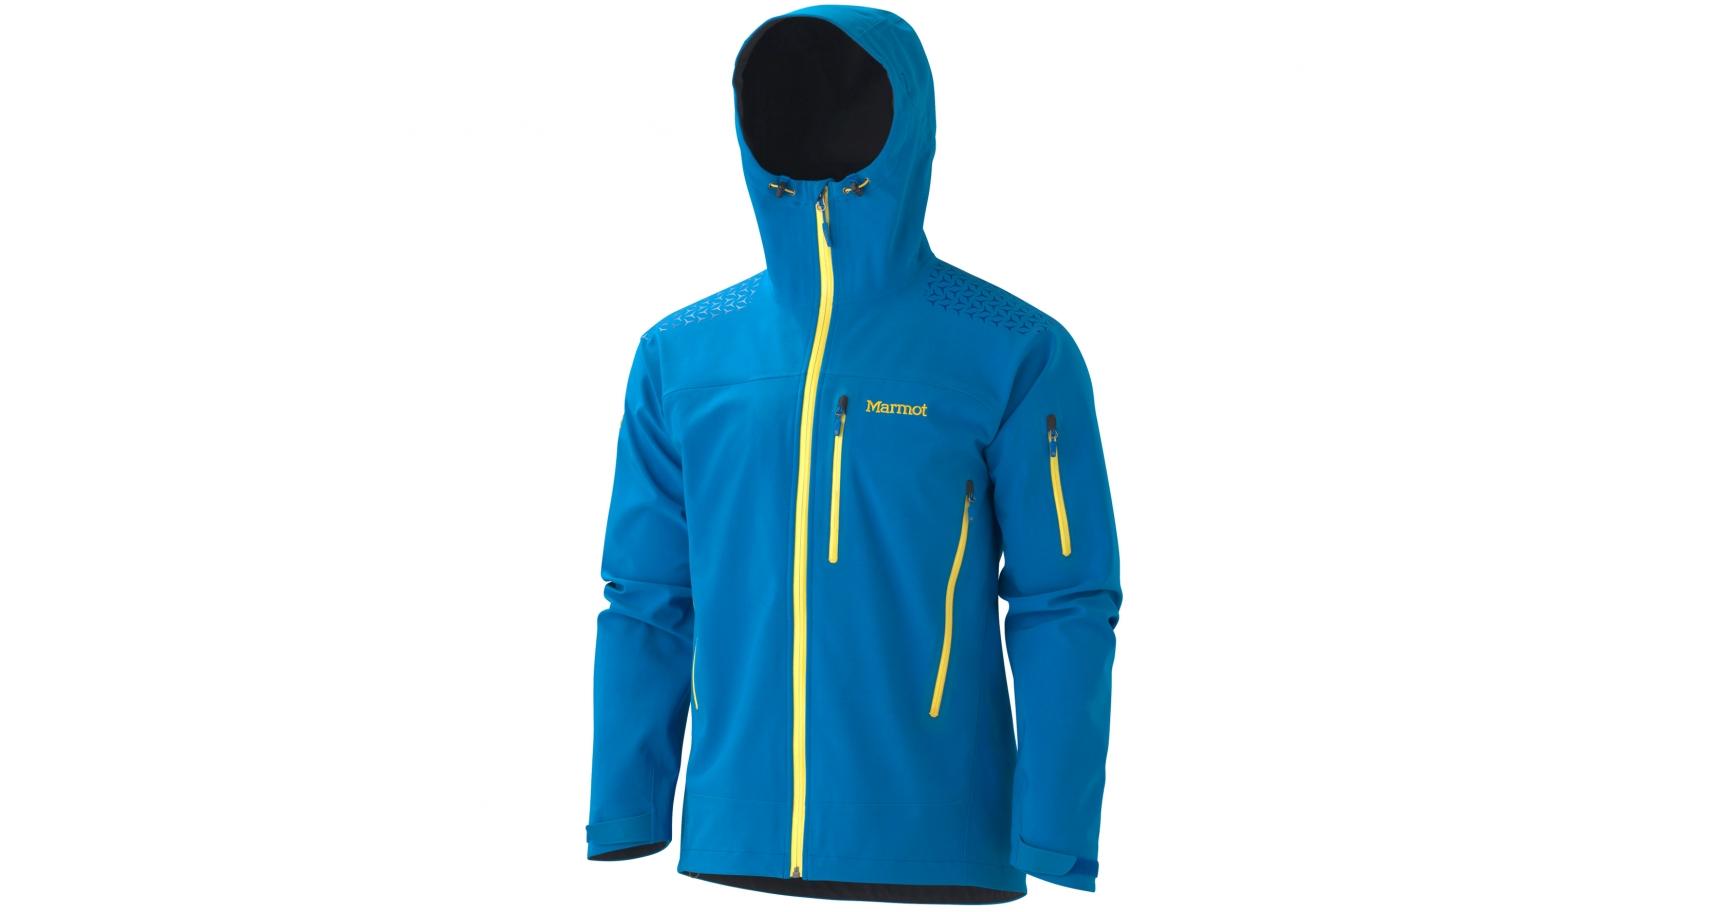 Testbericht: Softshell. Polartec. Marmot. – eine Jacke für den Winter?